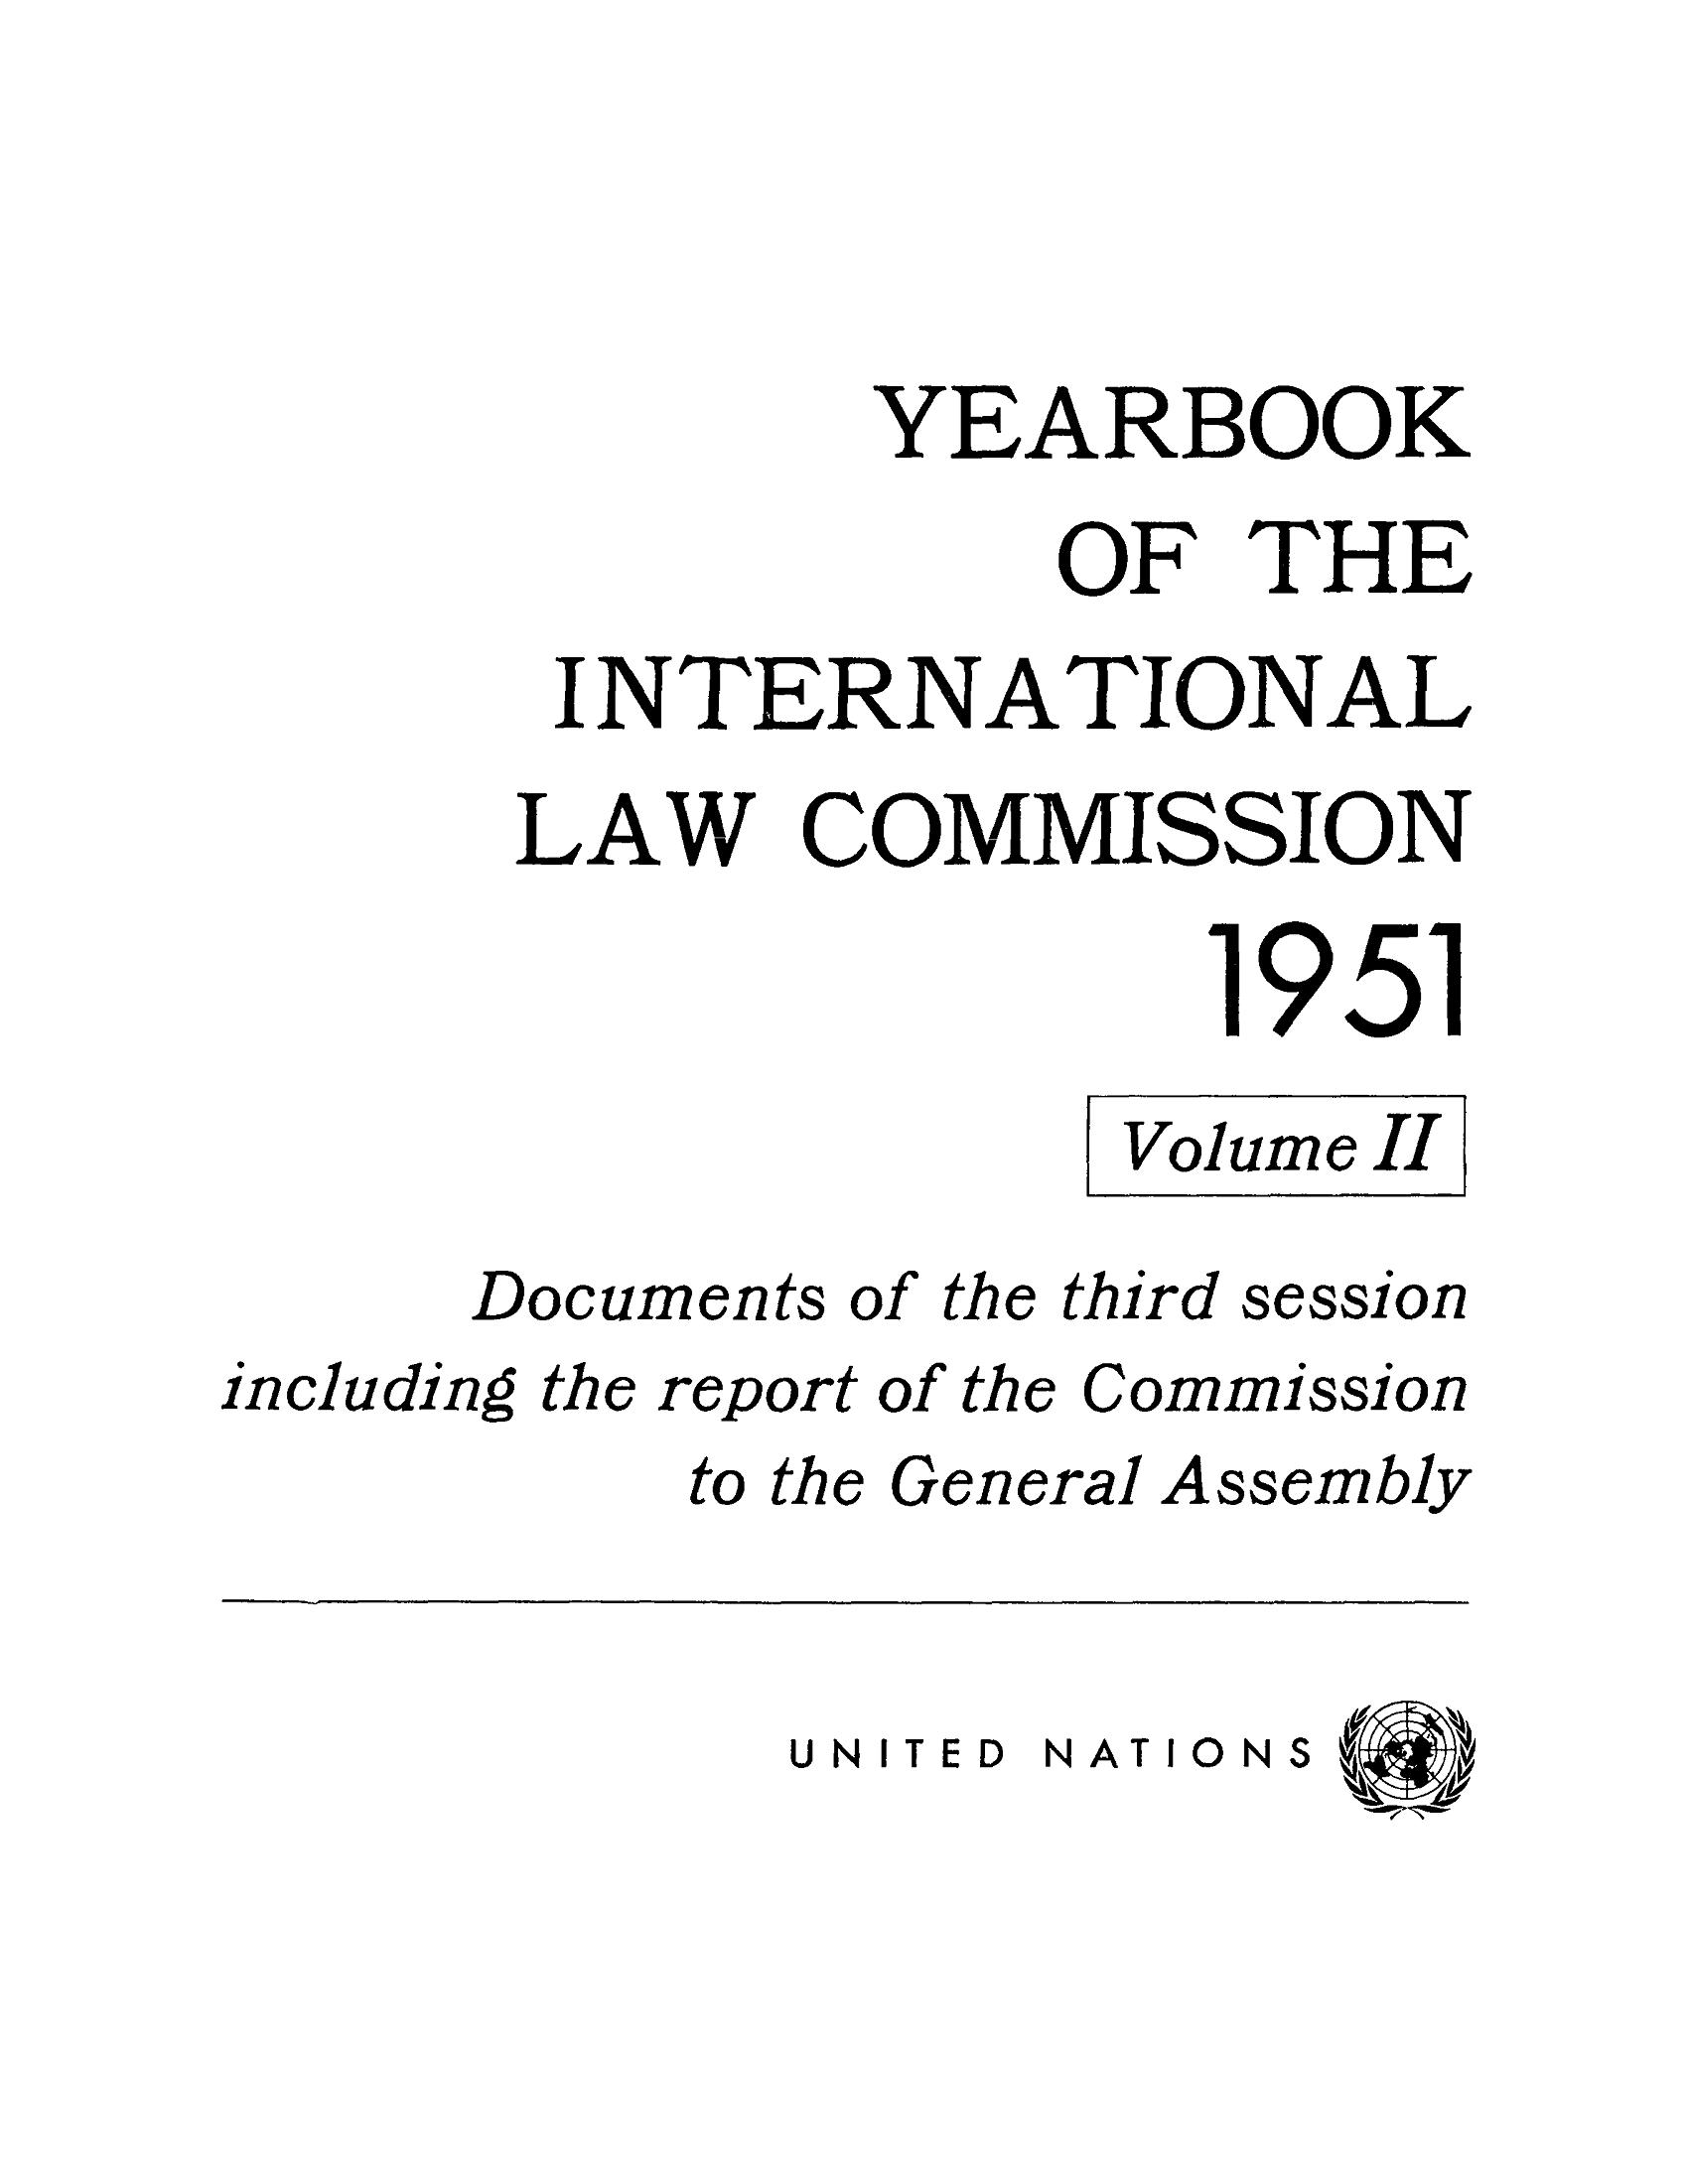 حقوق بین الملل - حق شرط در کمیسیون های چند جانبه  INTERNATIONAL LAW COMMISSION